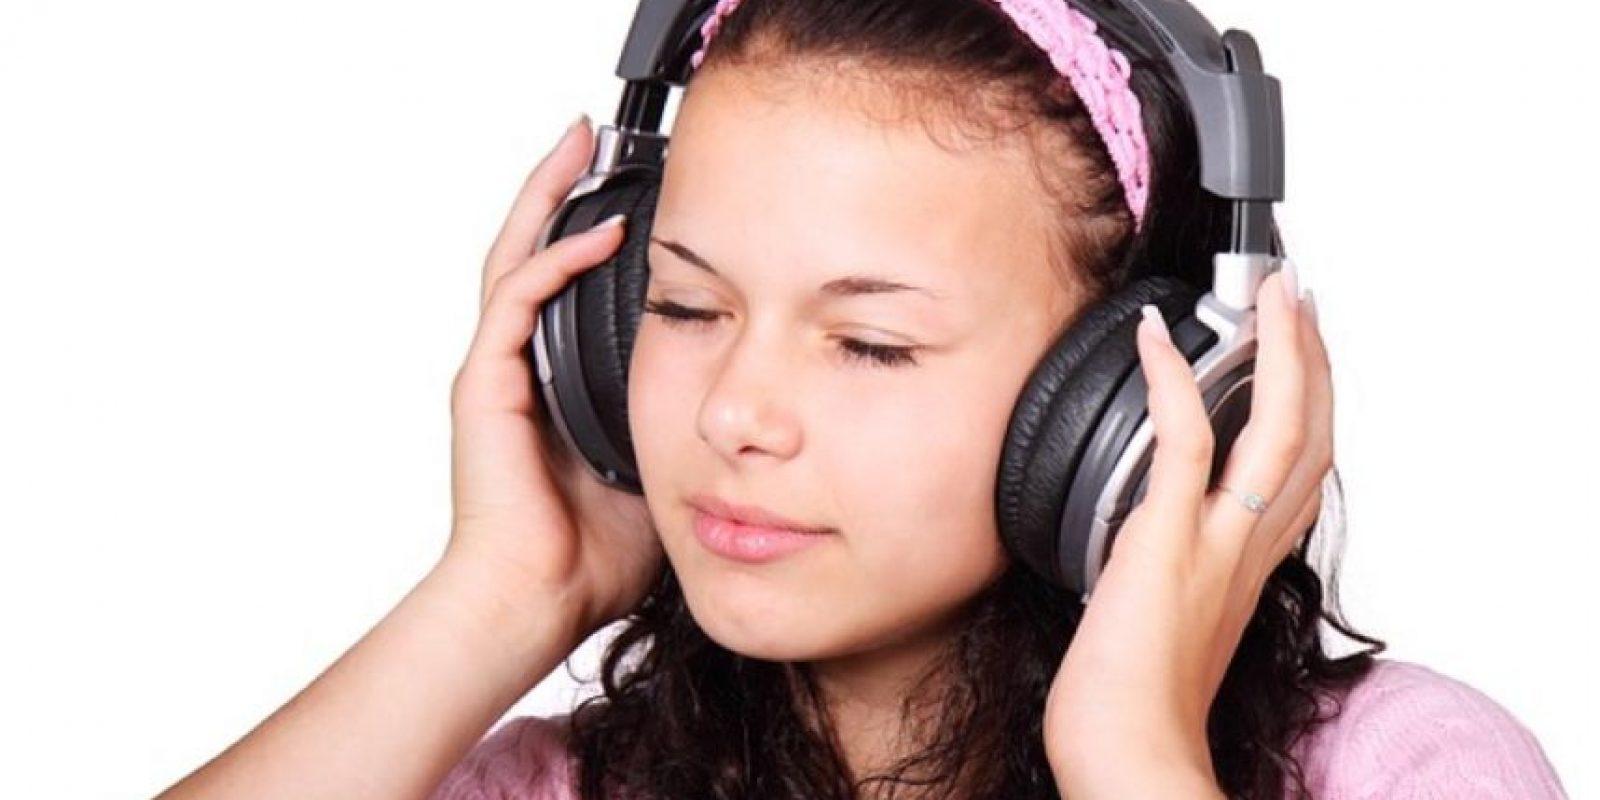 8. La exposición frecuente a motores y máquinas, como sierras eléctricas, deterioran la audición irreversiblemente. Foto:Pixabay